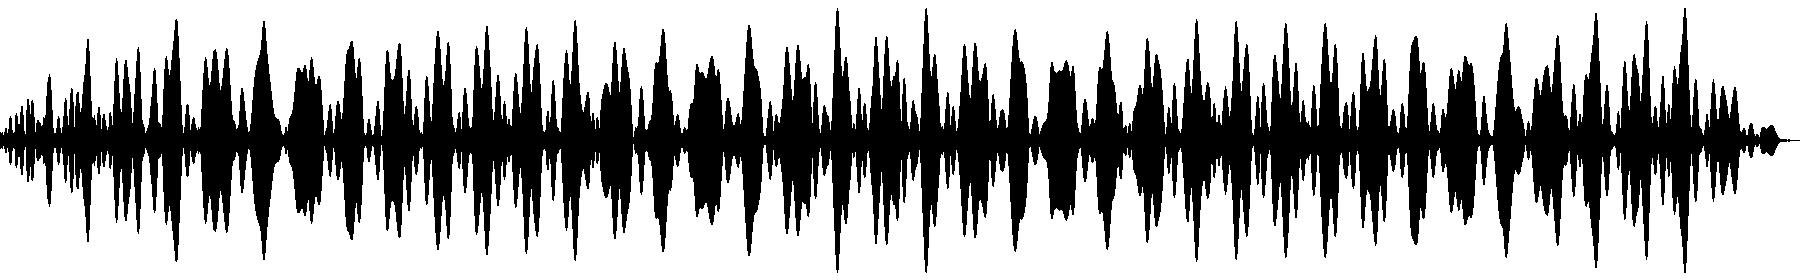 vedh bass cut 081 a